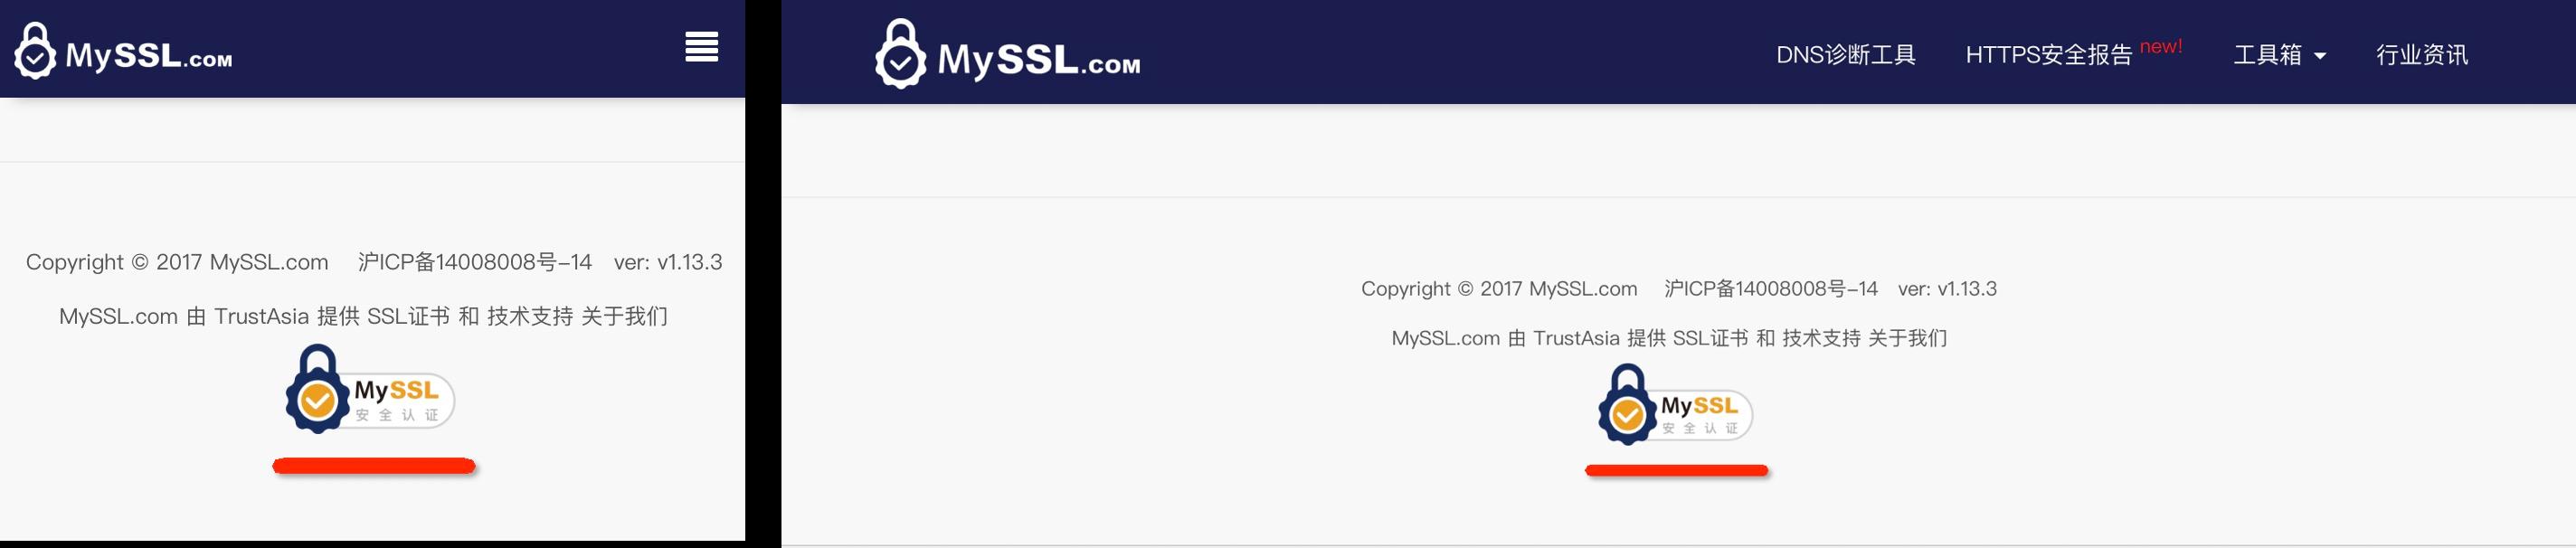 网页代码-给你的网站叫https sll安全认证签章